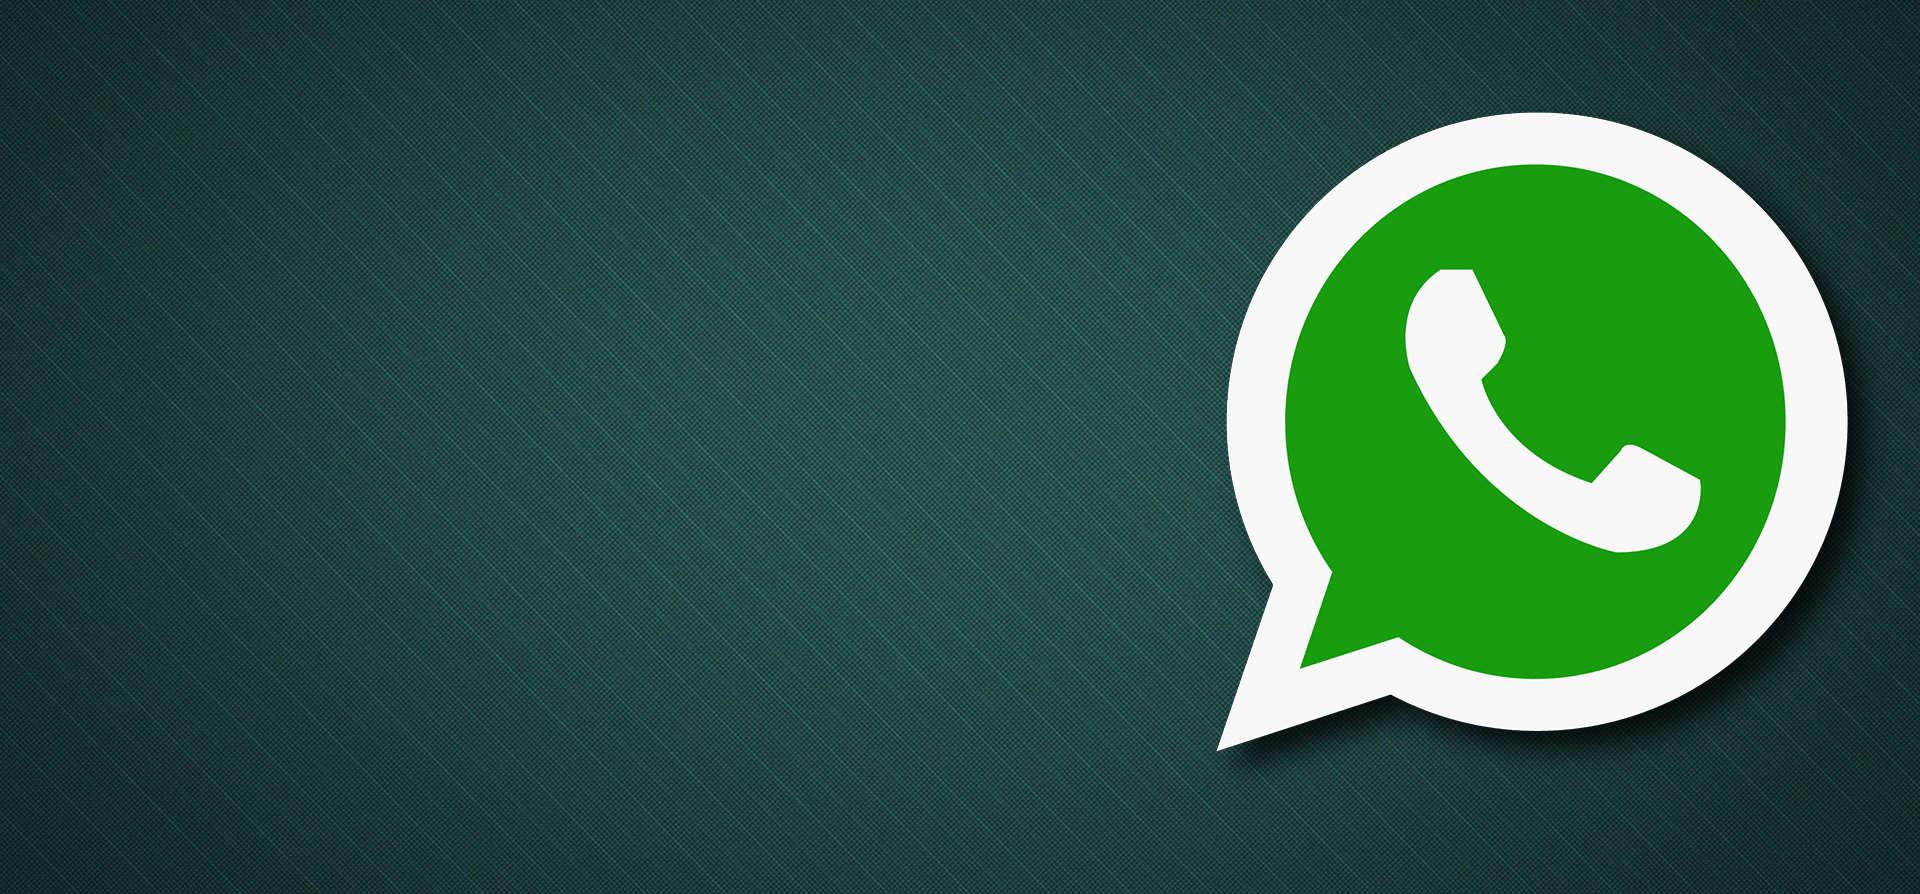 Arrivano nuove funzioni su Whatsapp e Whatsapp Business